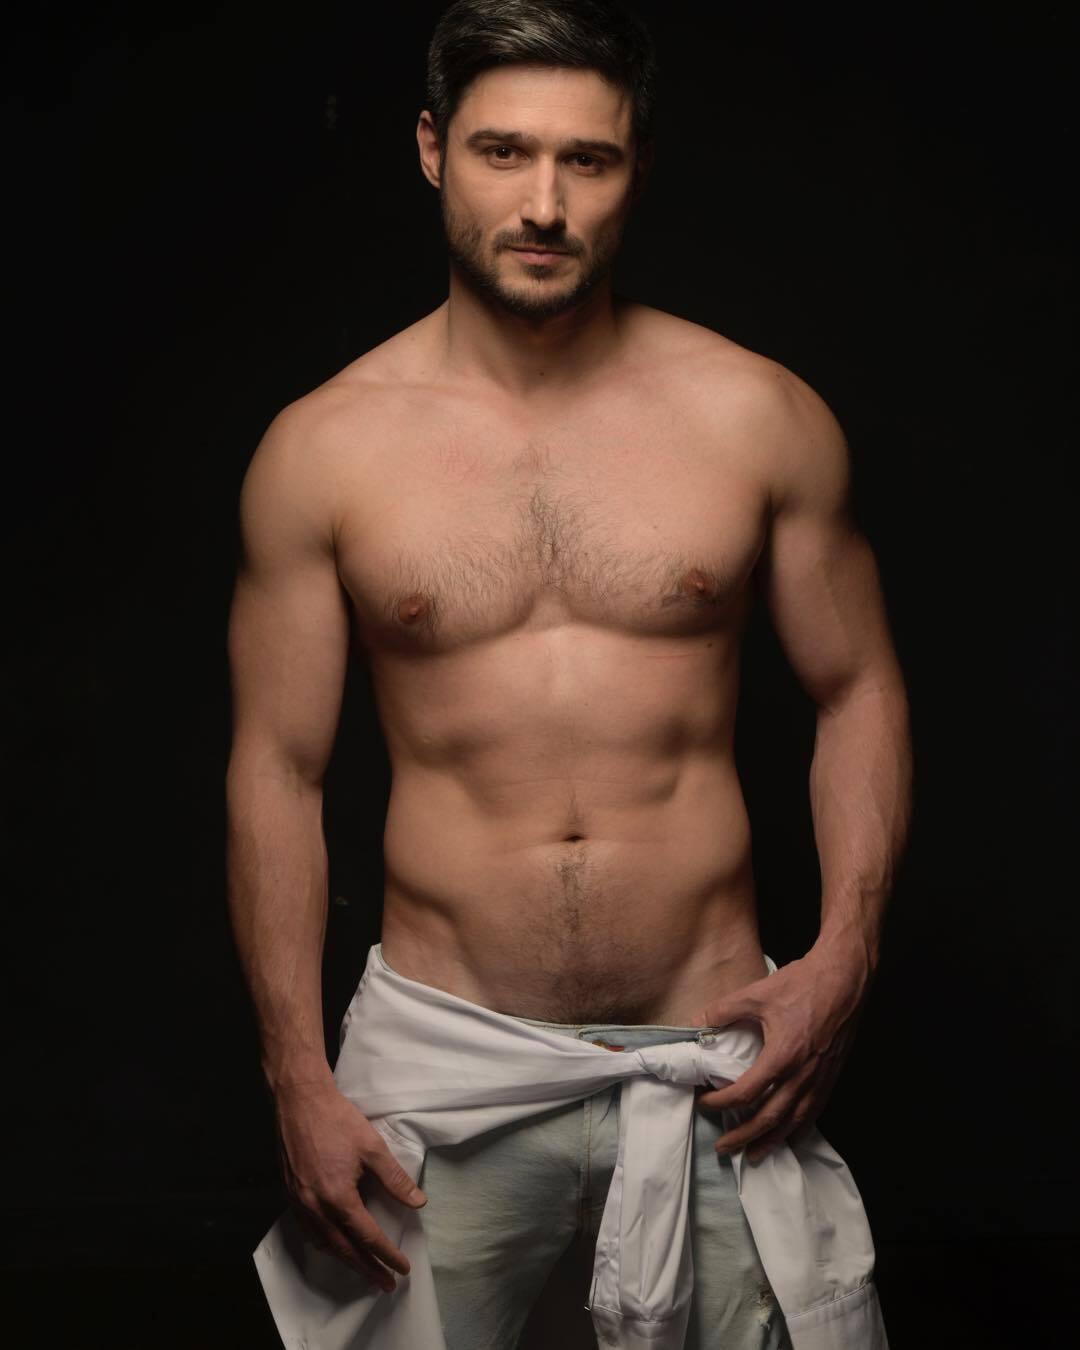 Андрій Федінчик з голим торсом